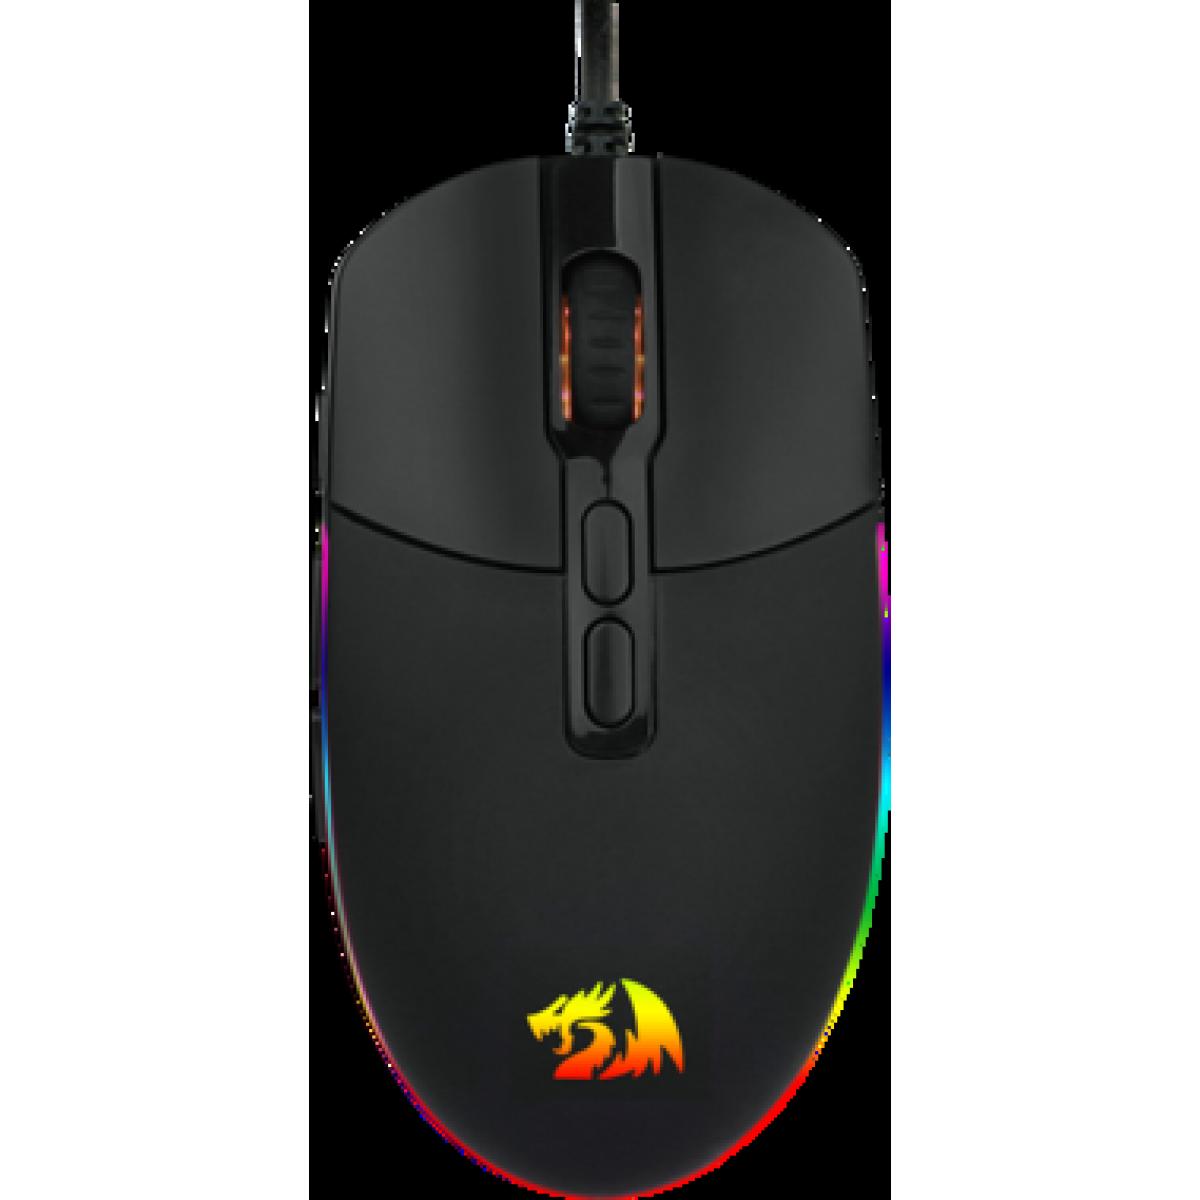 Mouse Gamer Redragon Invader M719 RGB, 10.000DPI, 8 Botões, Black